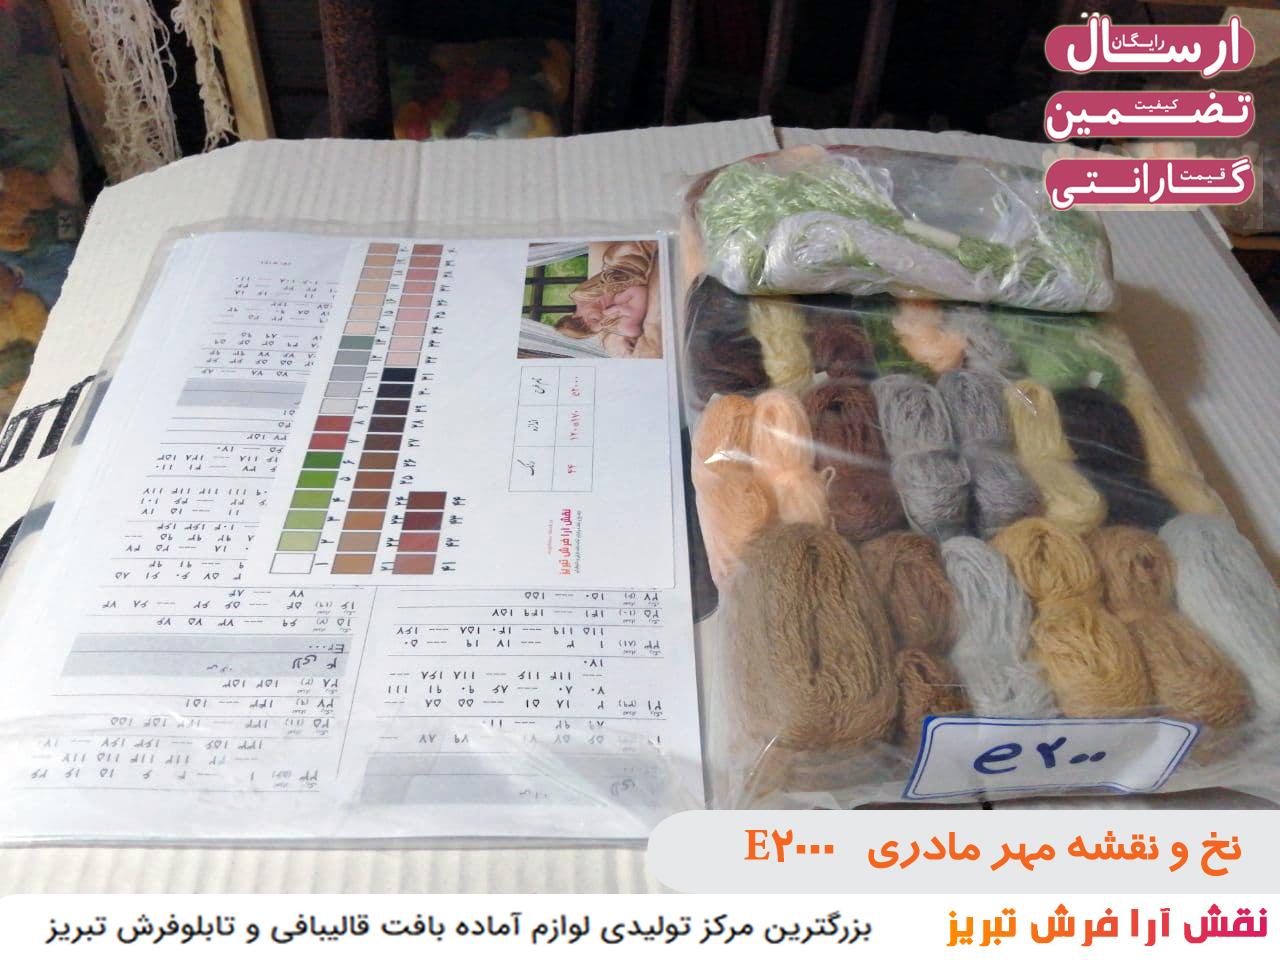 خرید نخ و نقشه تابلو فرش , نخ و نقشه تابلو فرش مهر مادری , نخ و نقشه تابلو فرش تبریز